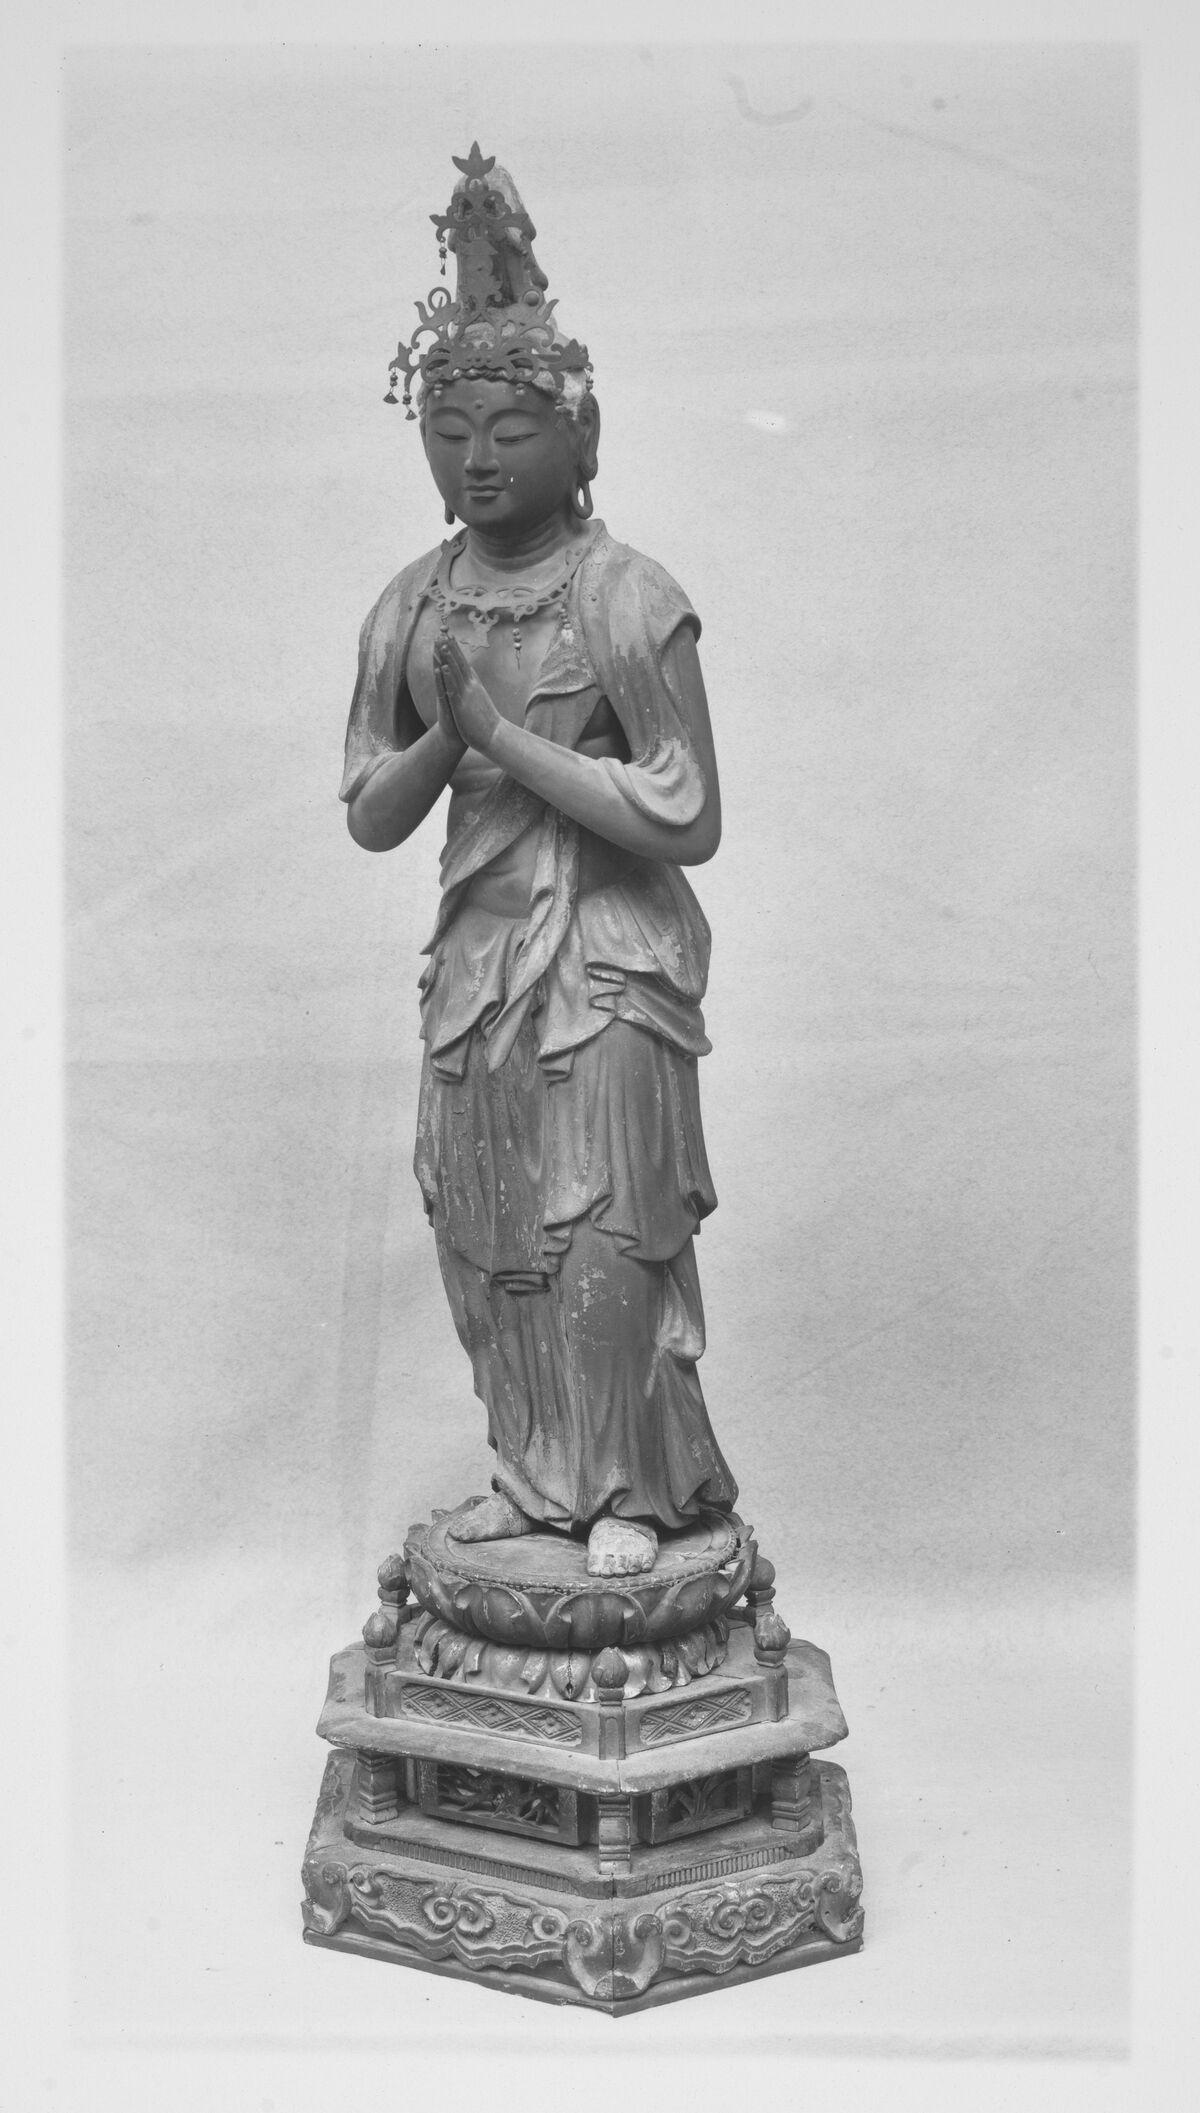 勢至菩薩, Attendant Bodhisattva Seishi, late 12th–13th century, Japan. Courtesy of The Metropolitan Museum of Art.